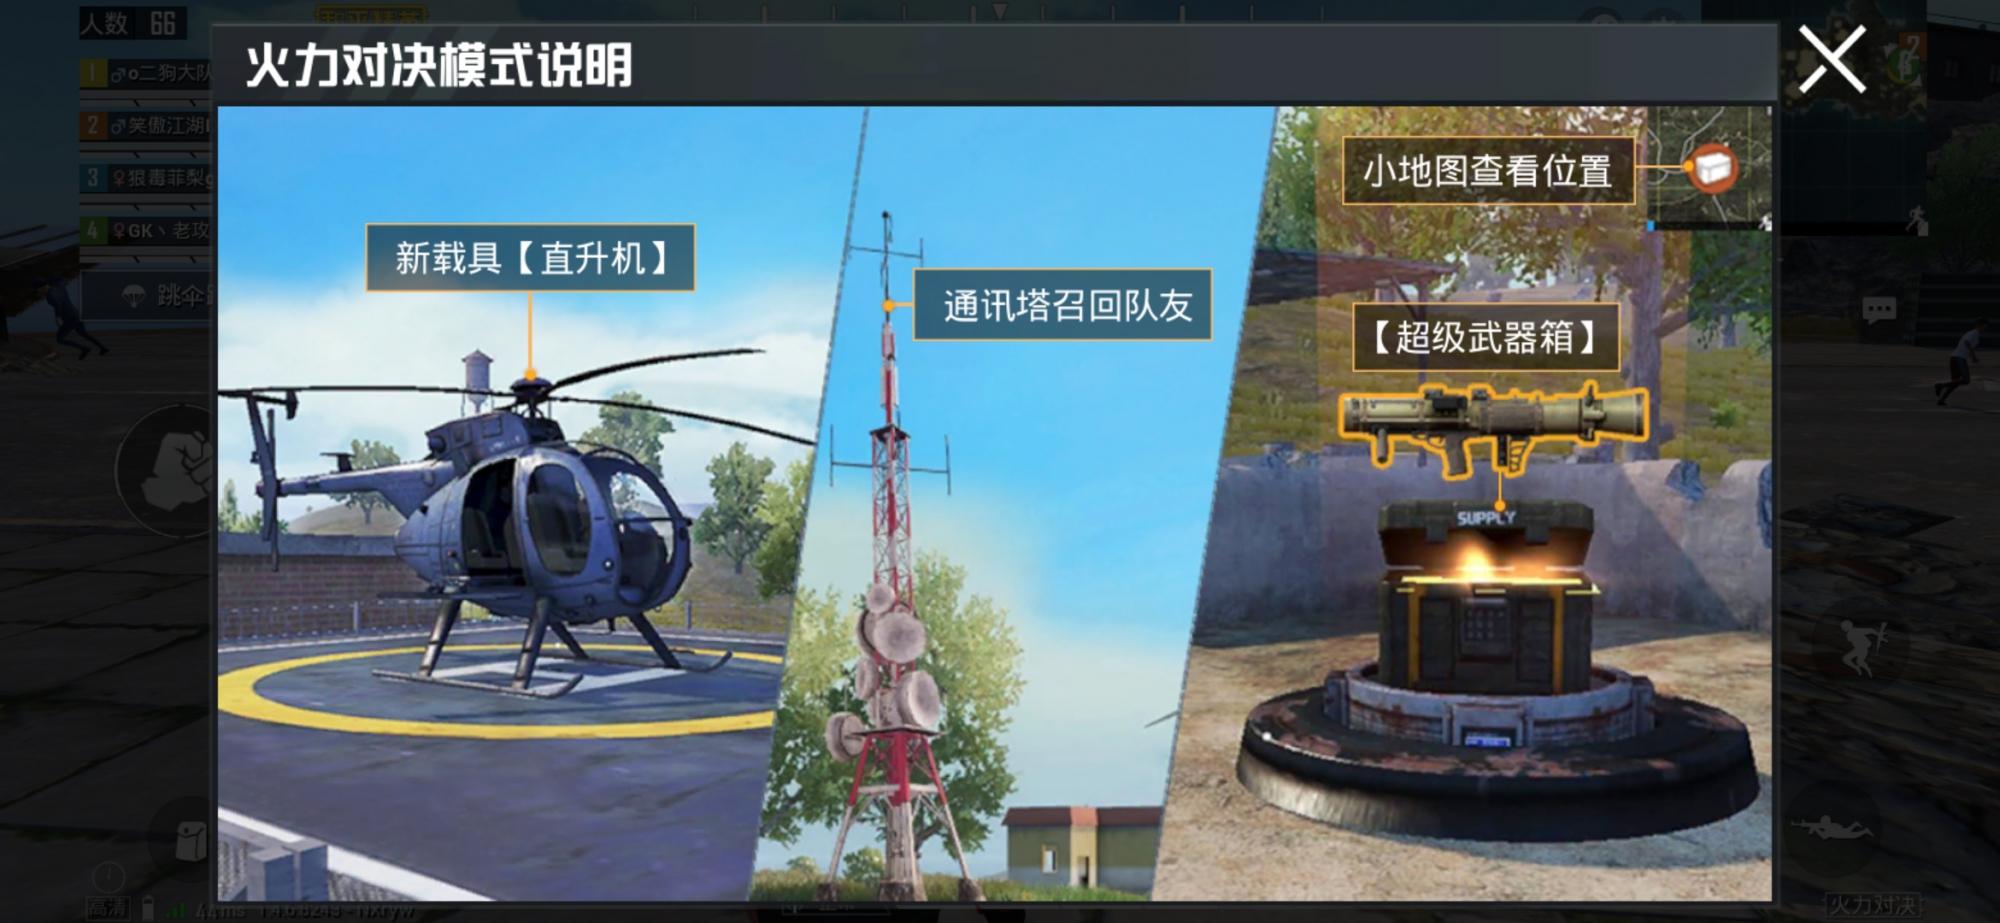 Screenshot_20191117_122858_com.tencent.tmgp.pubgm.jpg